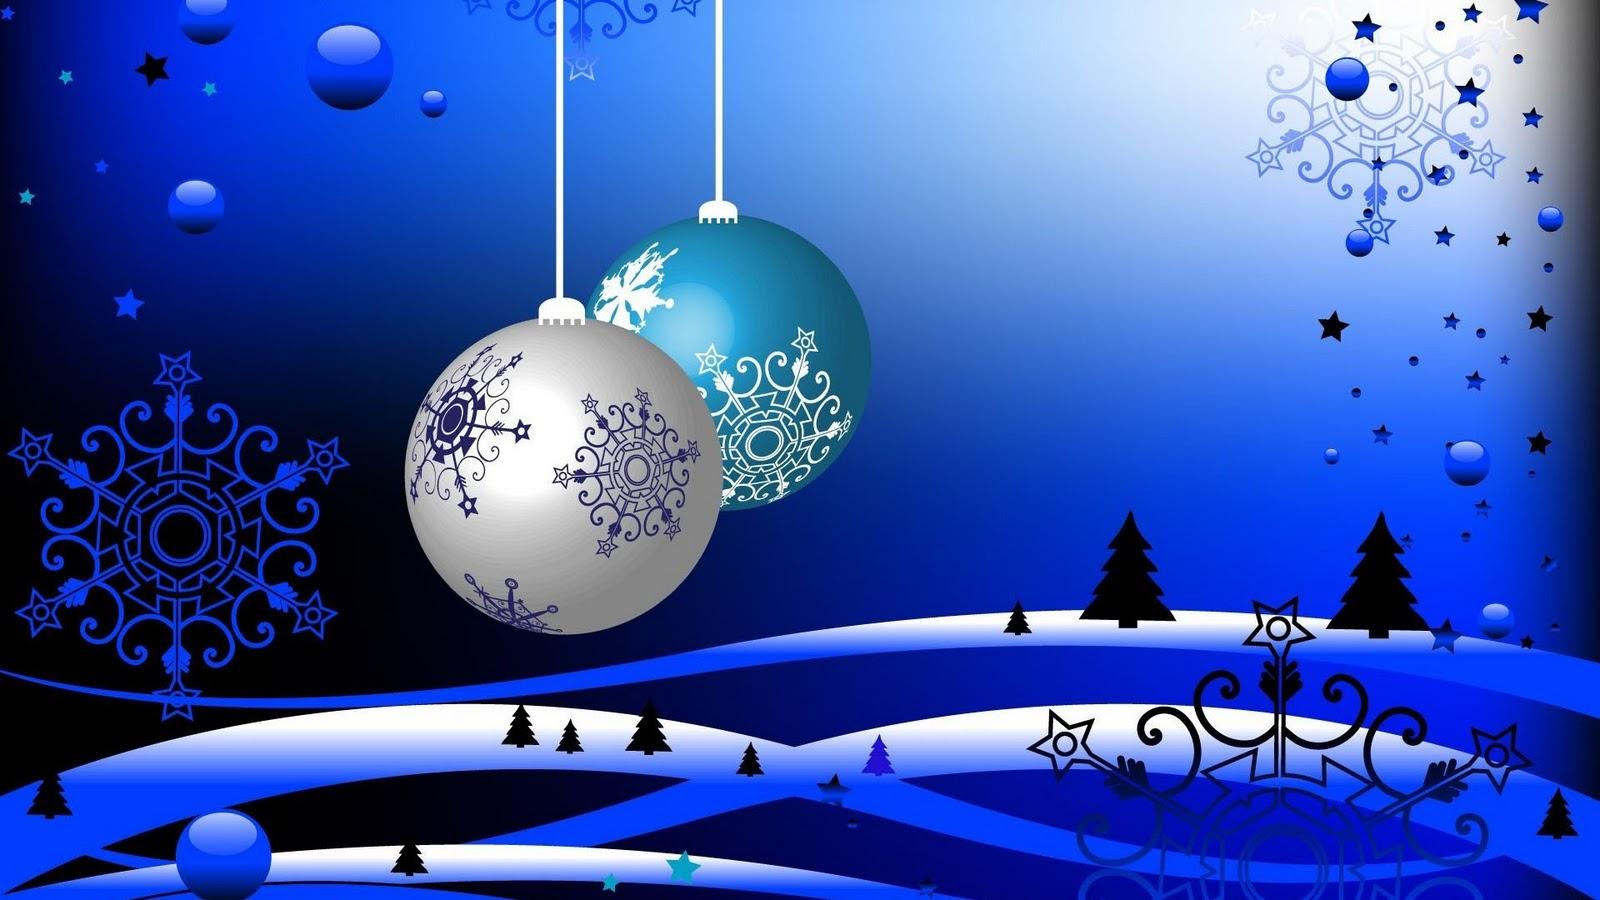 http://3.bp.blogspot.com/-7Z0lMdO_OcQ/Tqq7zeN6gKI/AAAAAAAAPAk/Iu-XUs_mPFQ/s1600/Mooie-kerst-achtergronden-leuke-hd-kerst-wallpapers-afbeelding-plaatje-foto-29.jpg